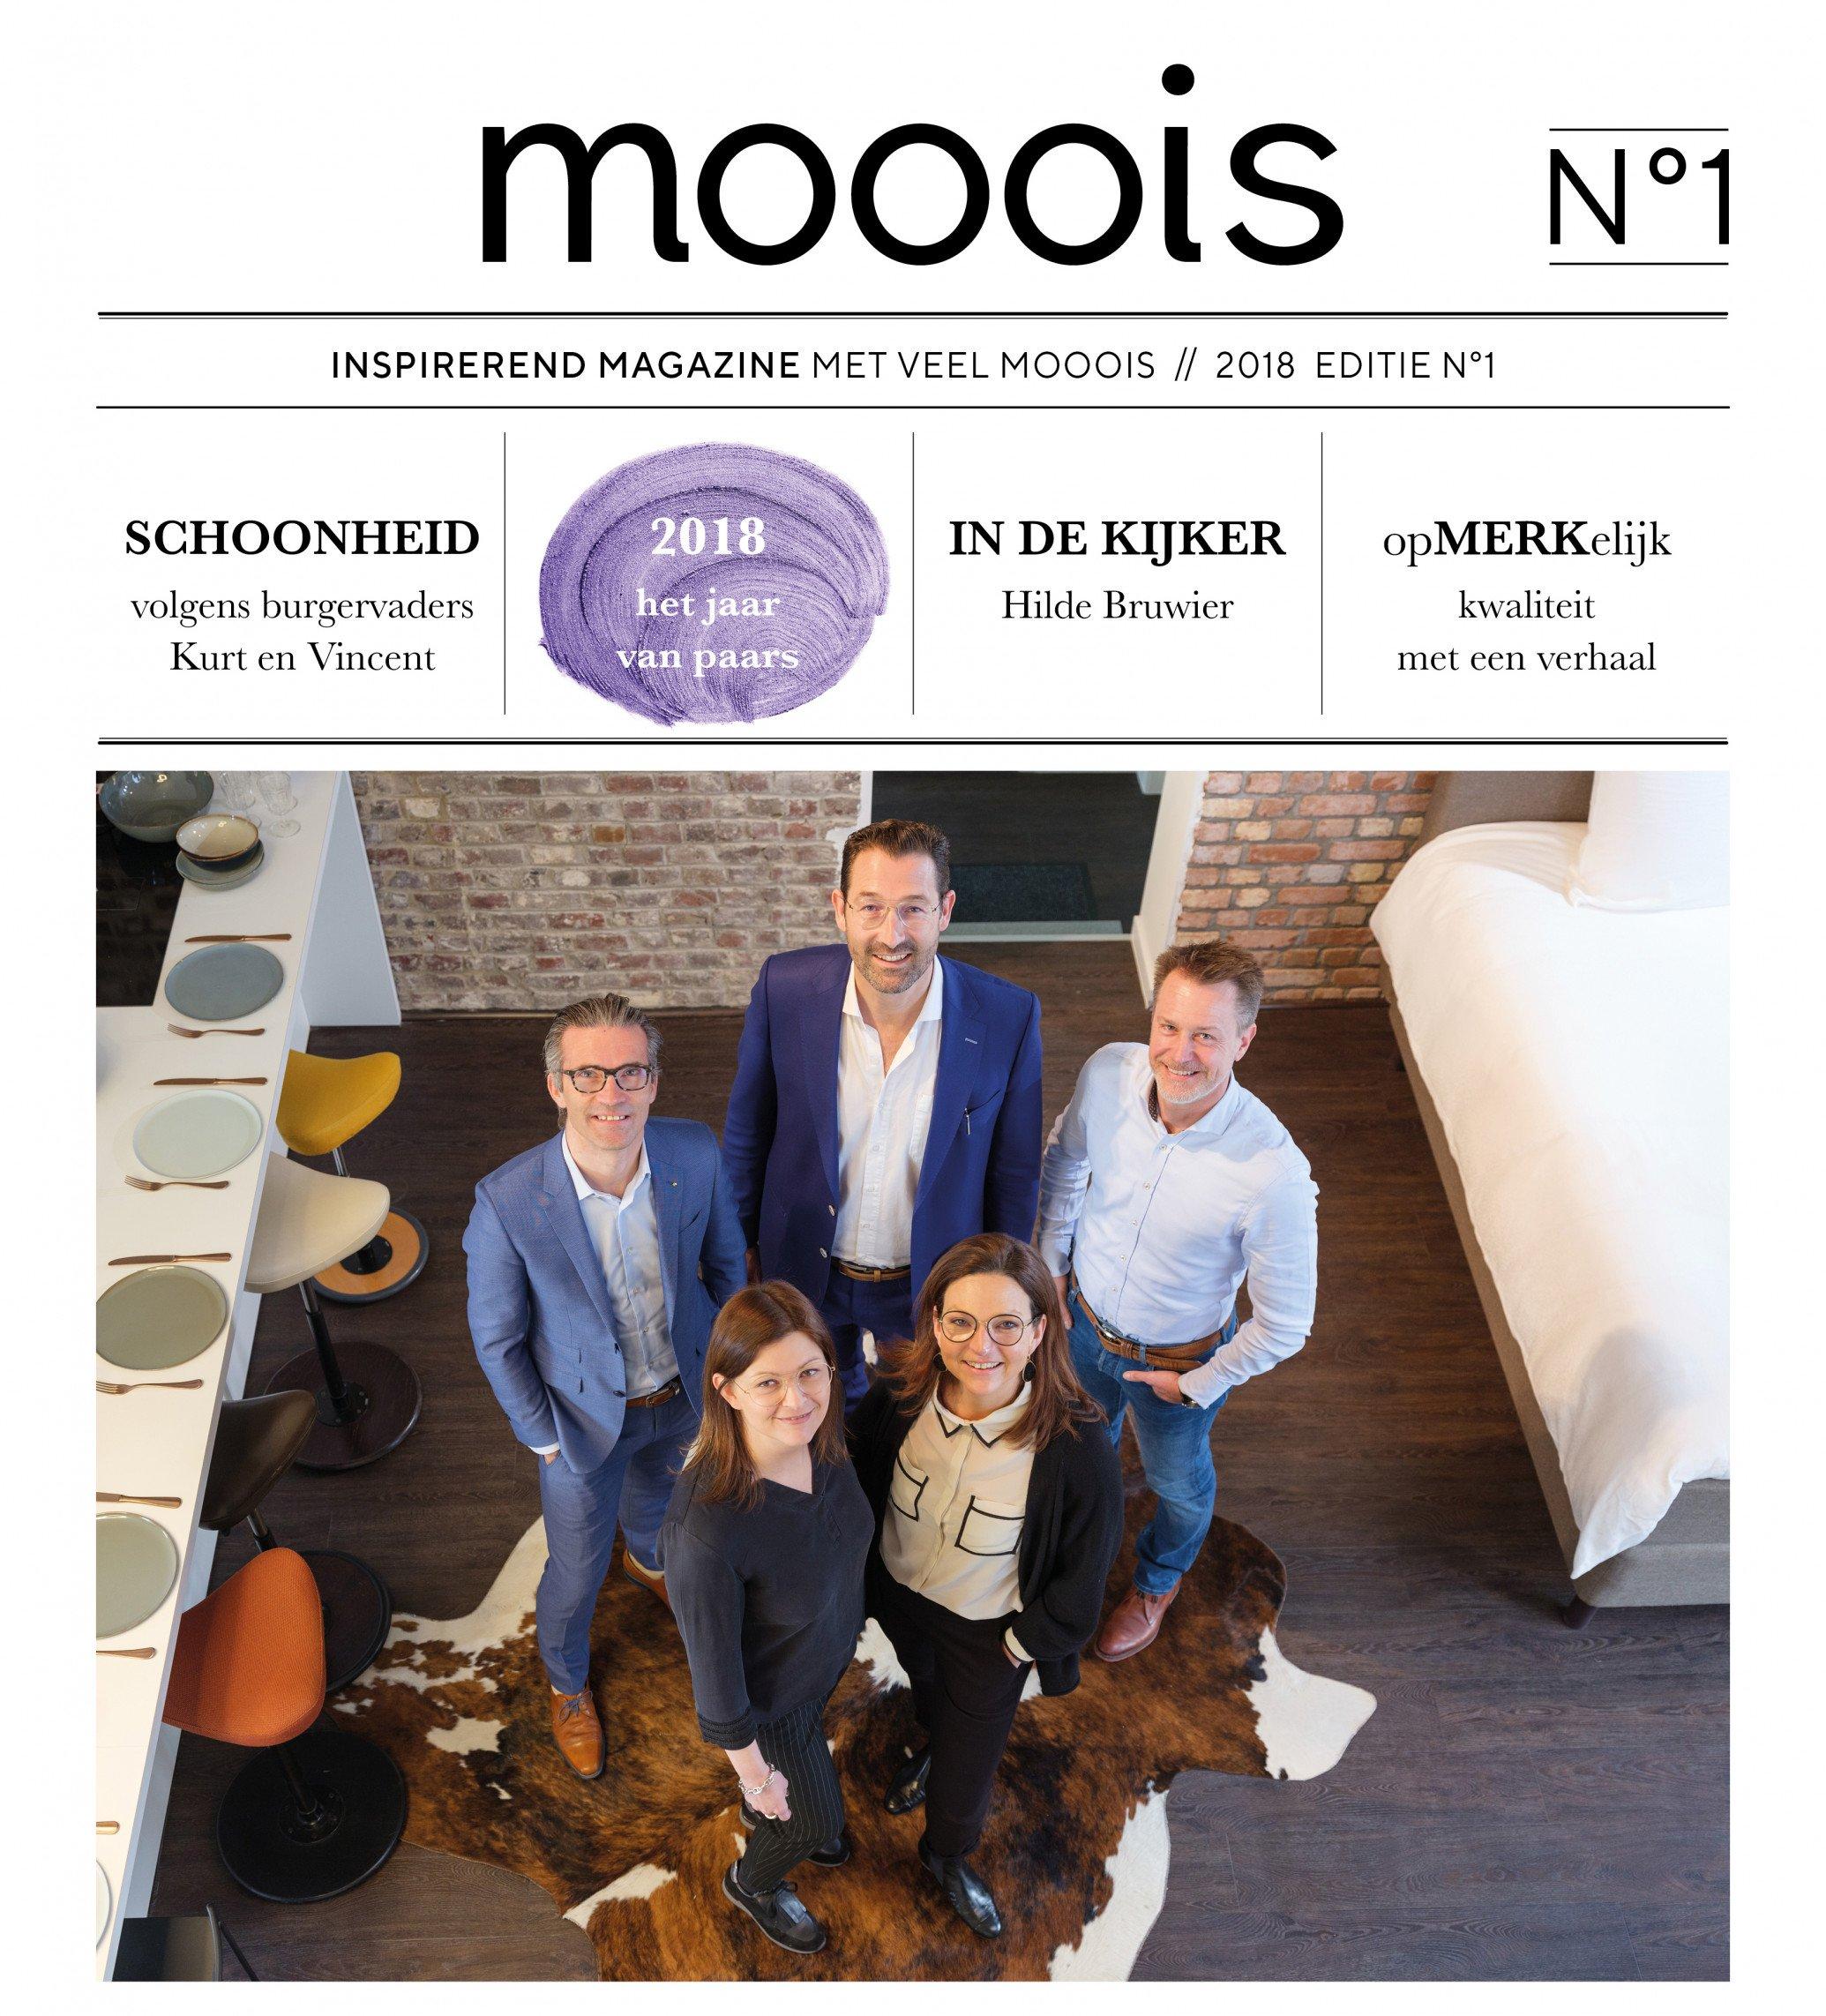 MOOOIS_cover.jpg